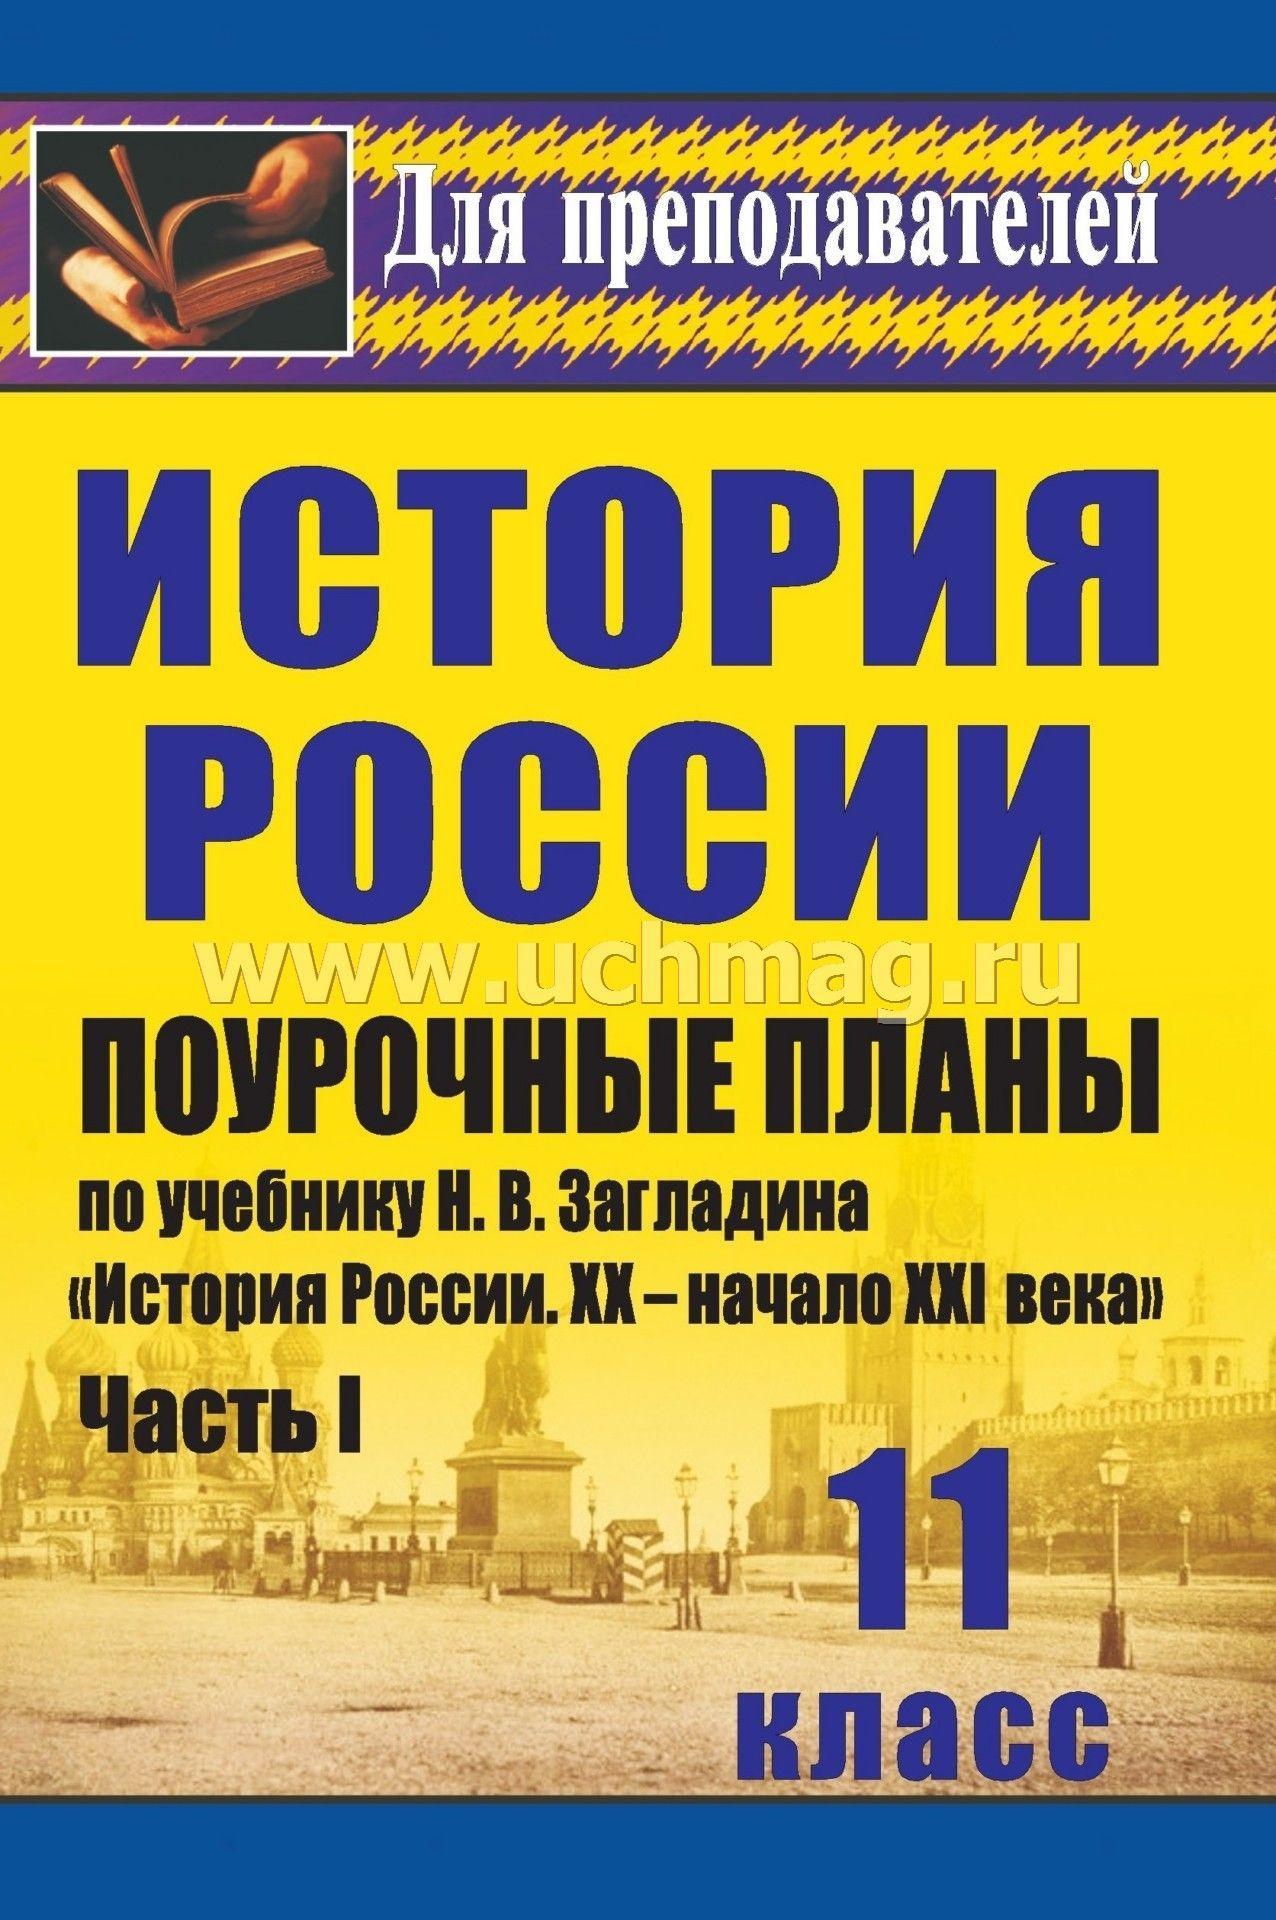 Рабочая программа по истории россии и мира в 20 веке 11 класс н.в загладин